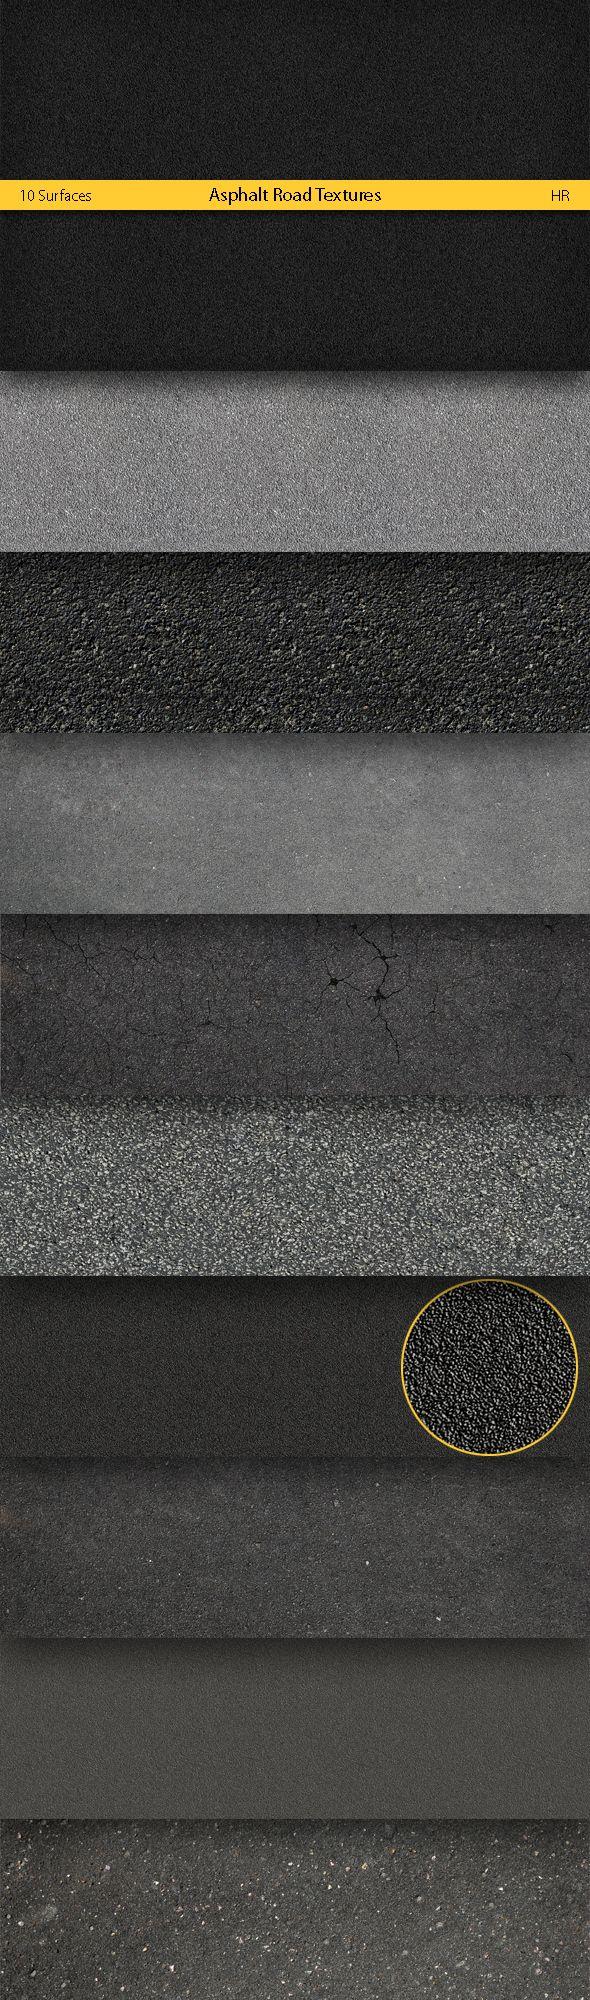 Asphalt Road Textures - cesta se bude linout po celé délce, pokud se nám nepodaři sehnat lino  v podobné struktuře, můžeme pužít černý malý štěrk a bílým sprejem nastříkat pruhy jako na cestě